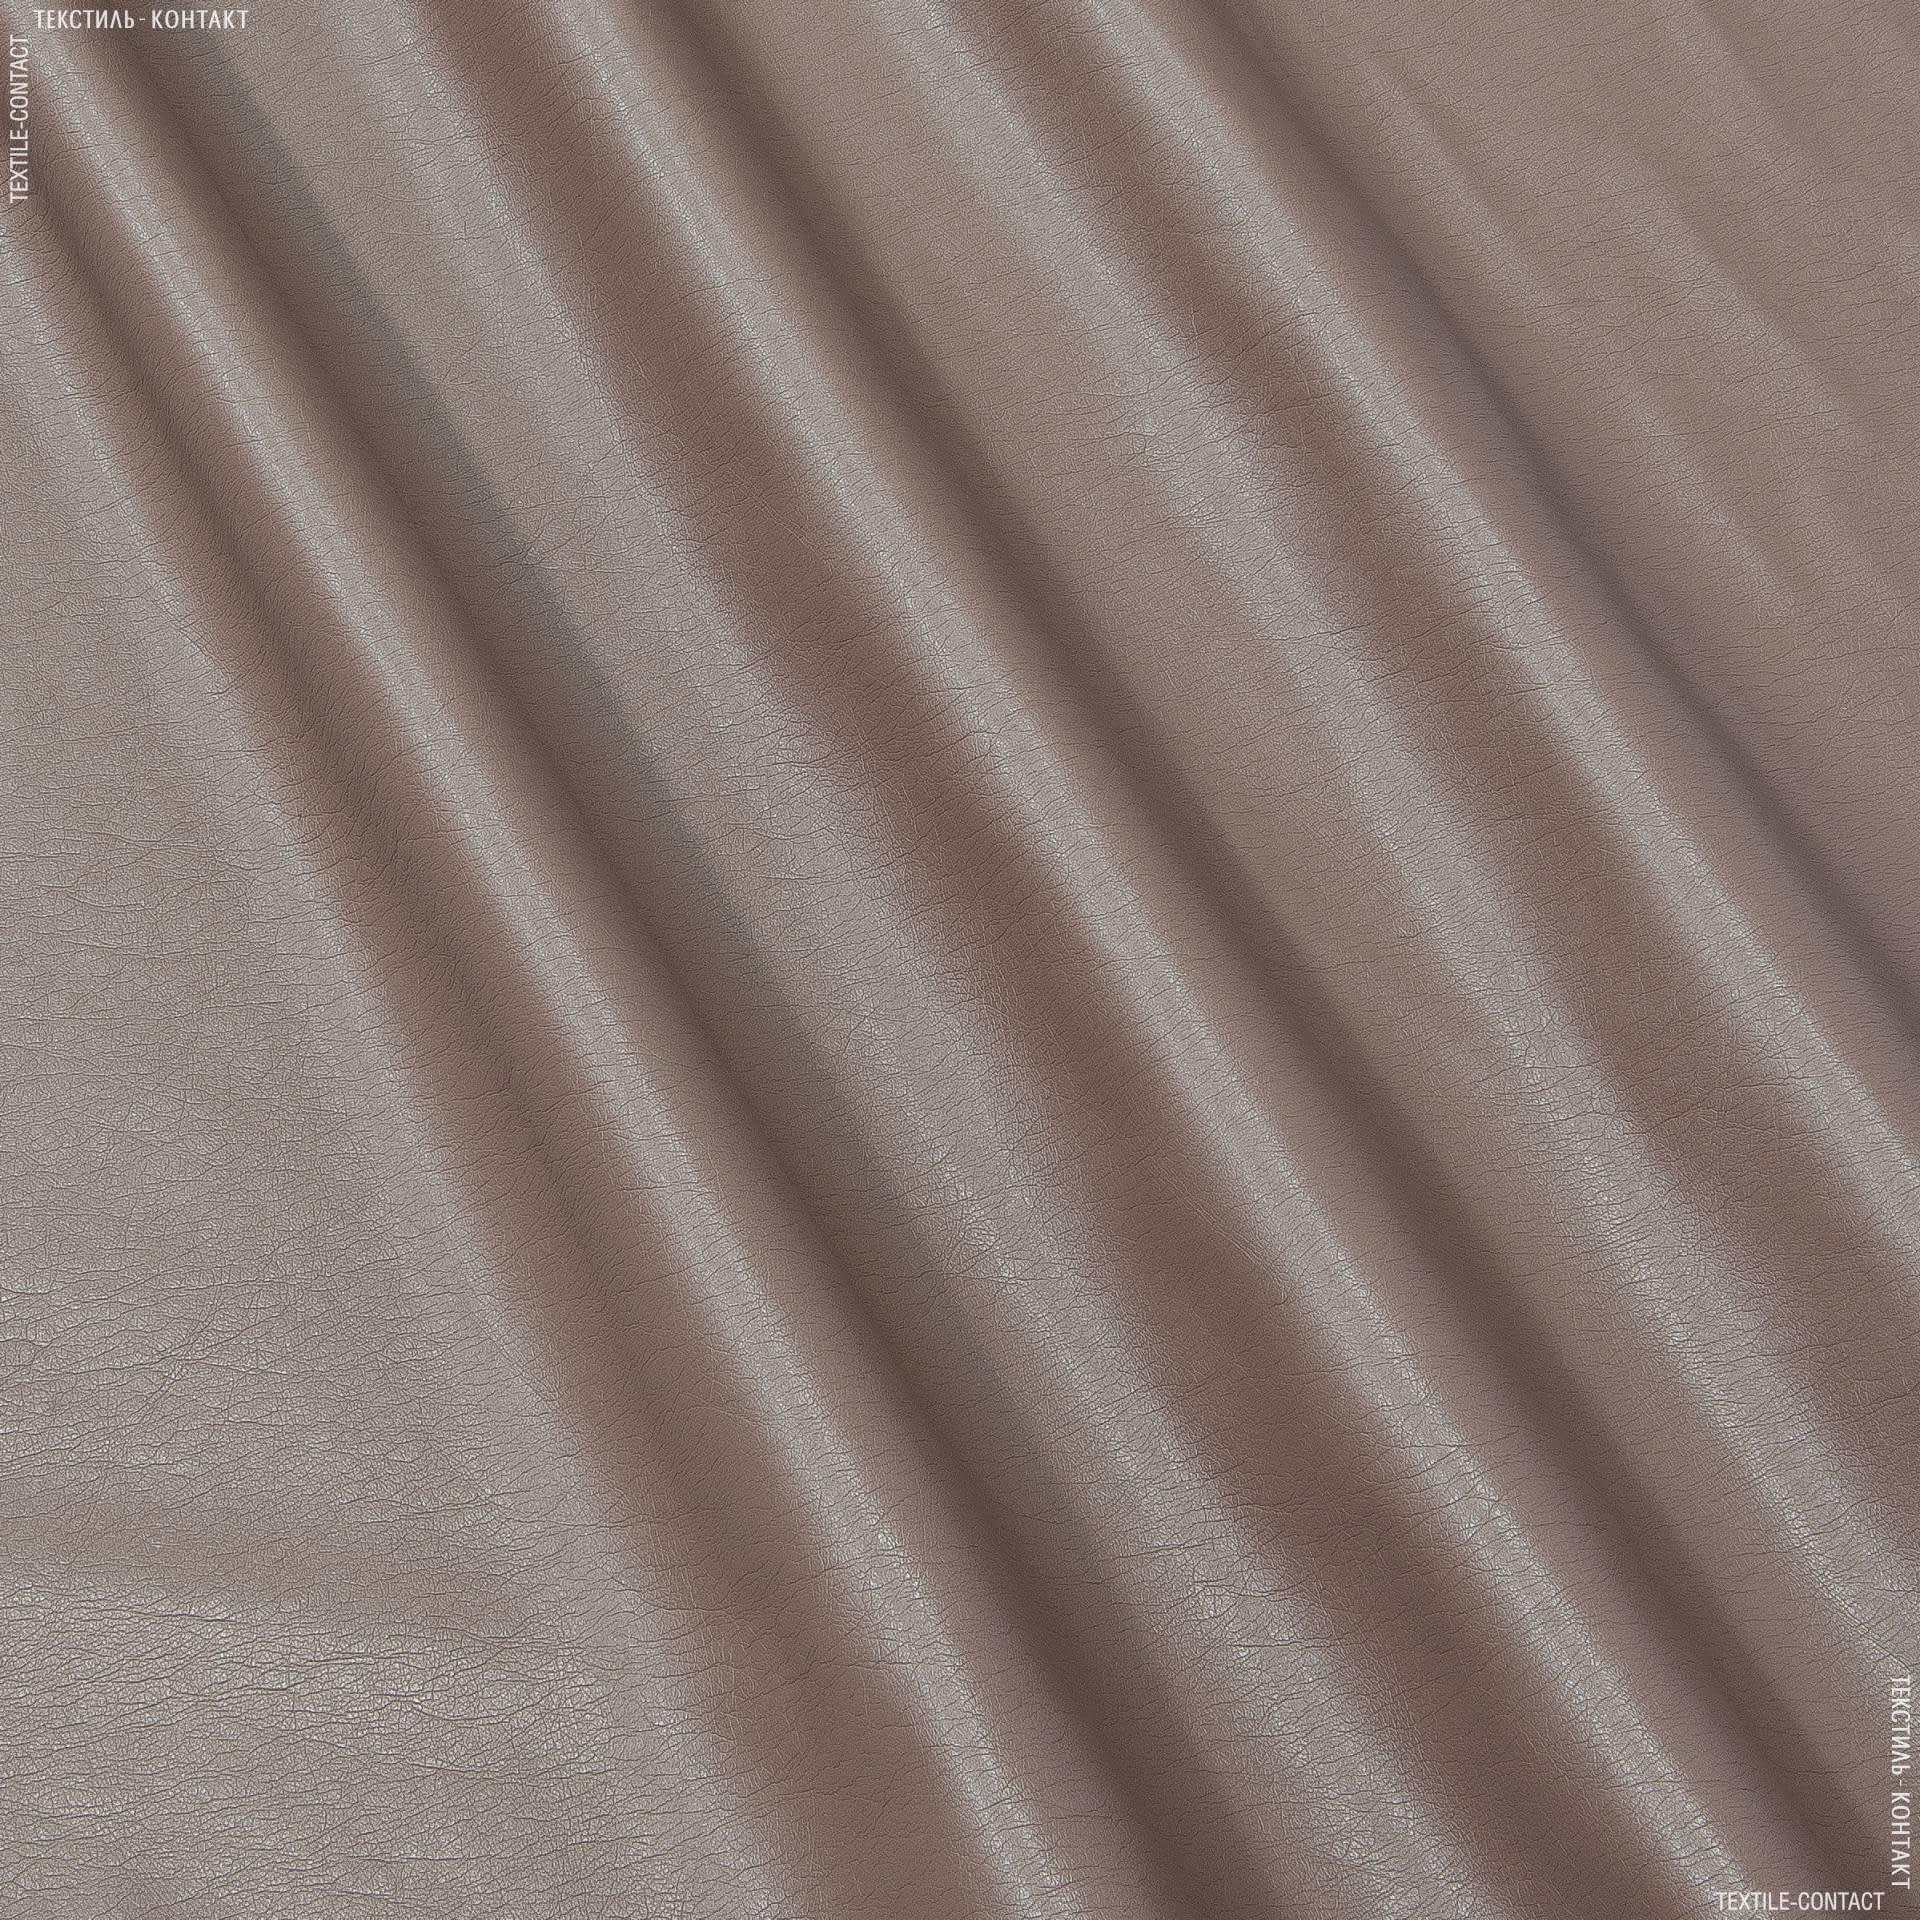 Тканини для верхнього одягу - Шкіра штучна рожево-бежевий